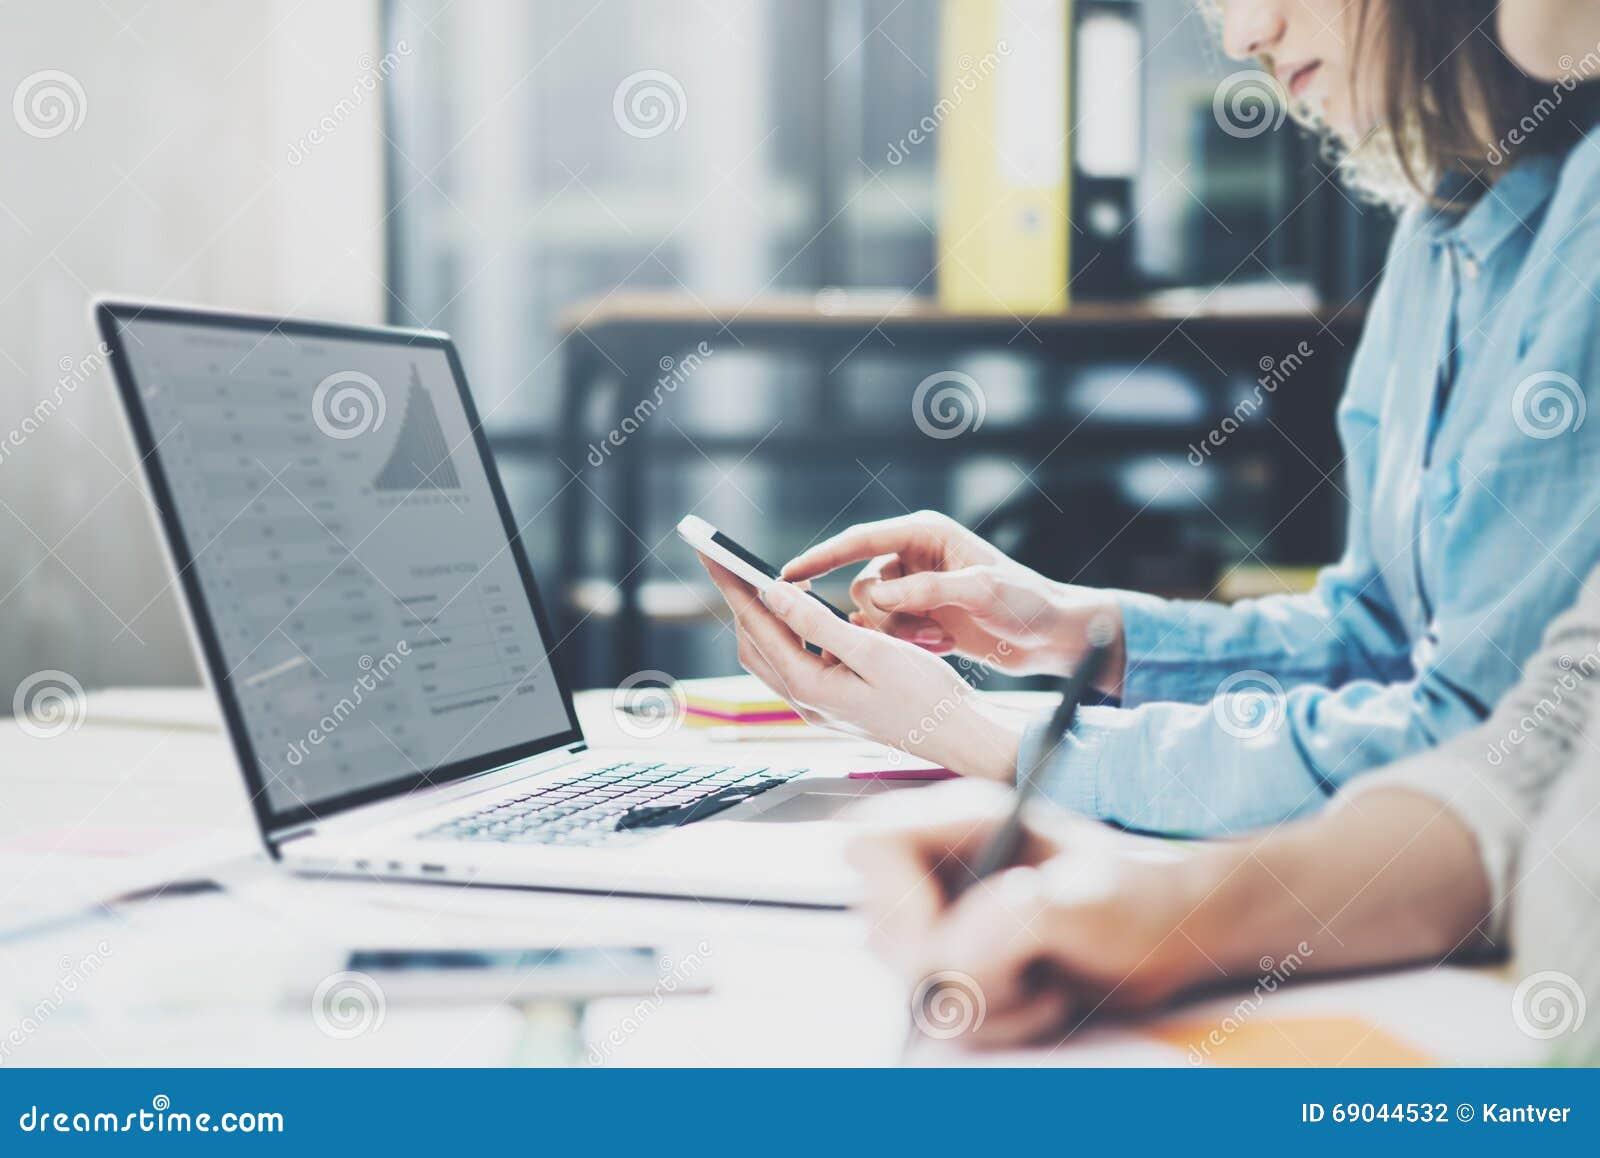 Succes команды Экипаж дела фото молодой работая с новым startup проектом тетрадь на деревянной таблице Проанализируйте руки плано